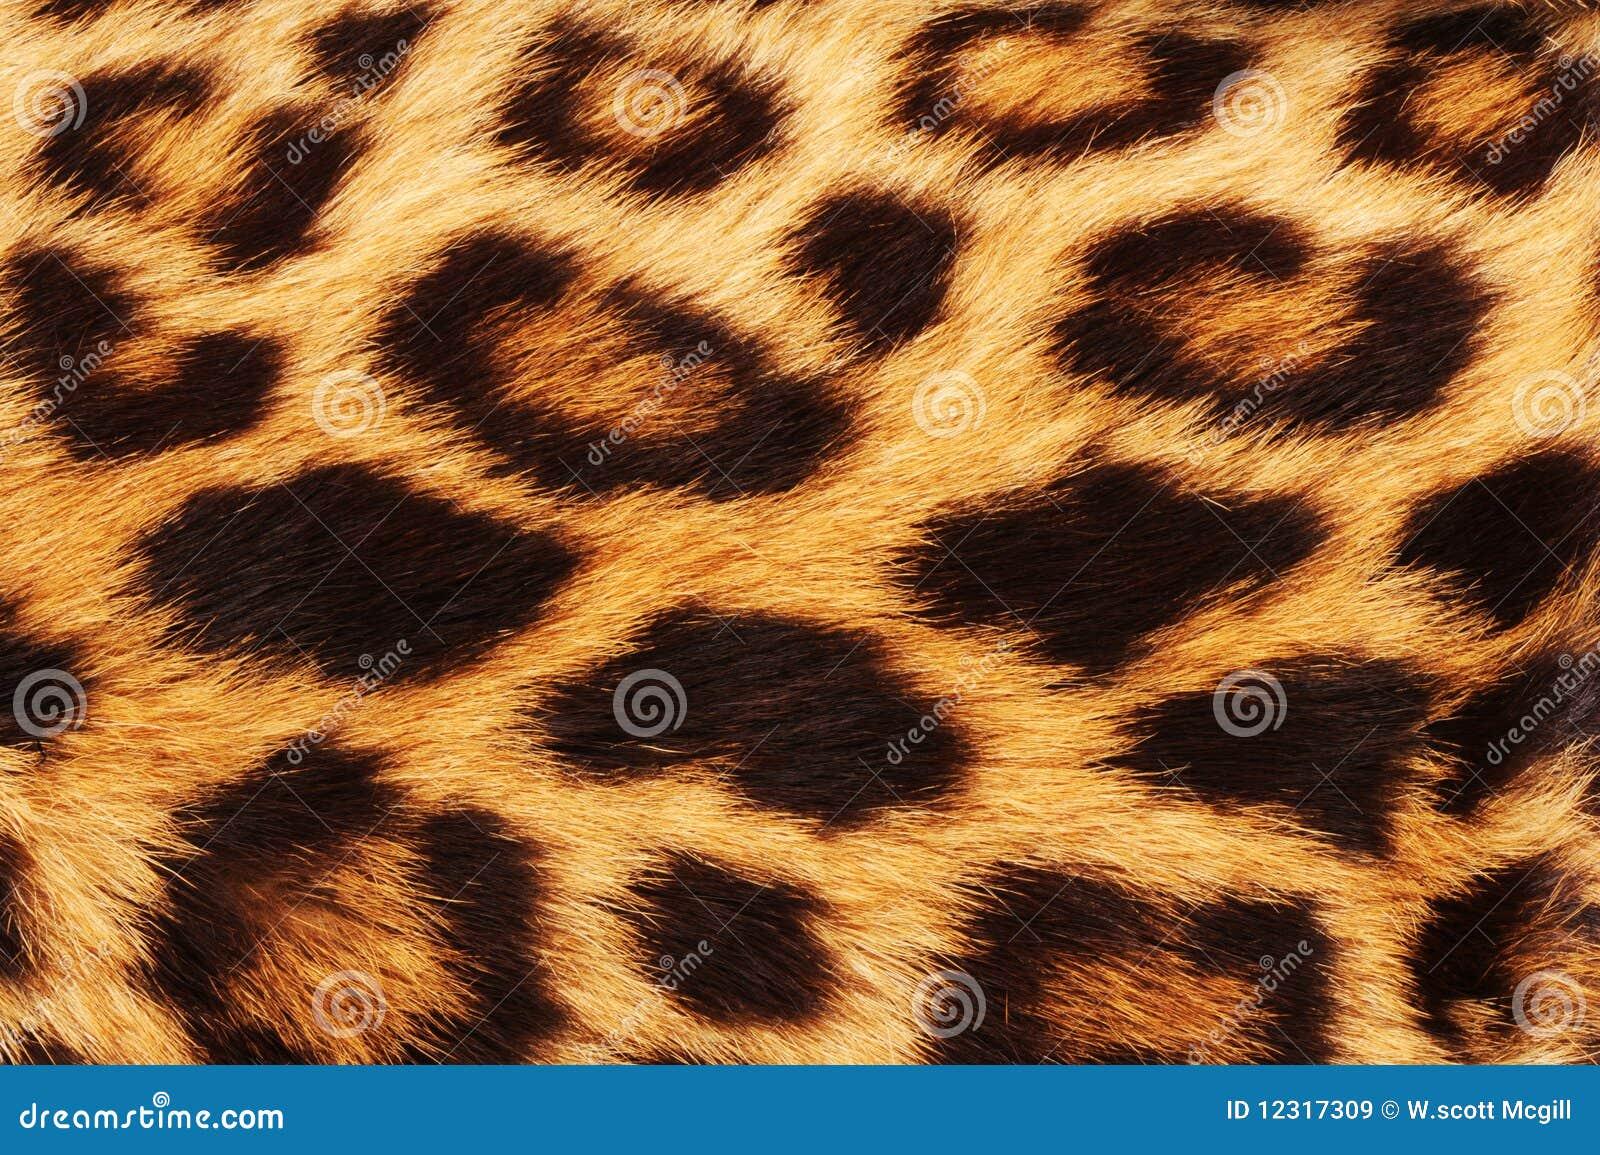 Leopard Skin Spots.